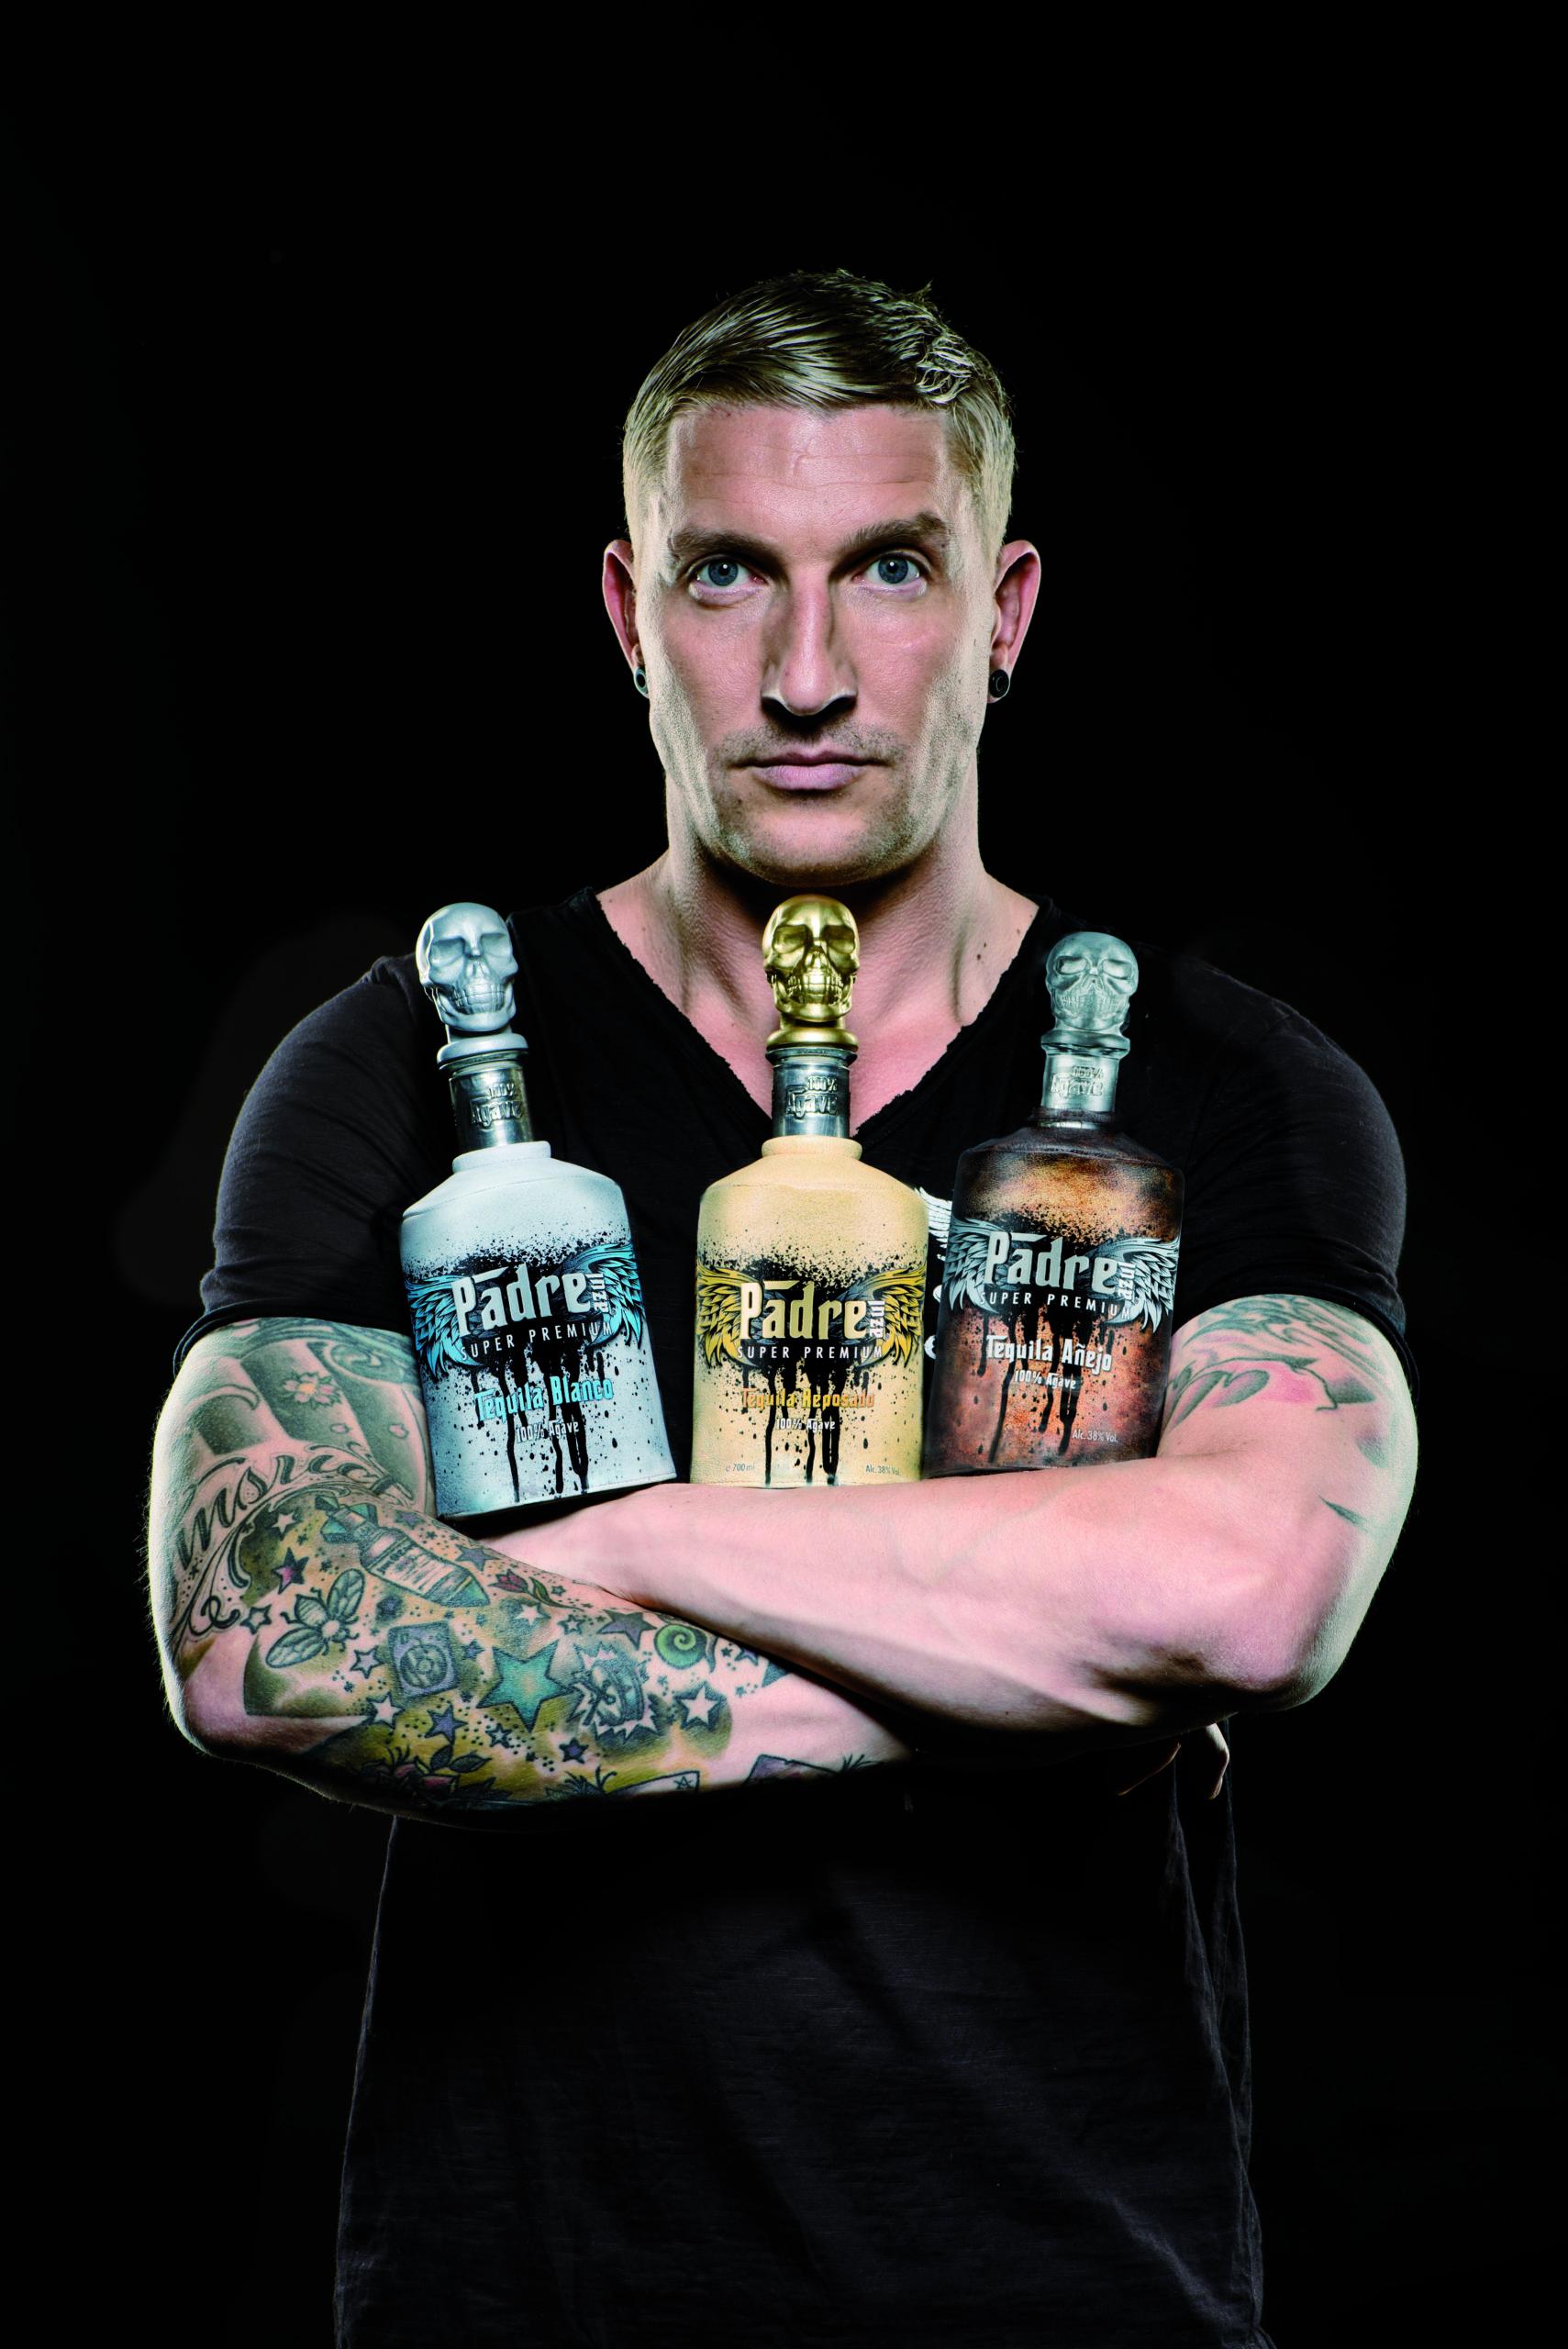 16_Kretzschmar_stehend_alle+Flaschen+im+Arm_schwarzer+Hintergrund_Hochformat